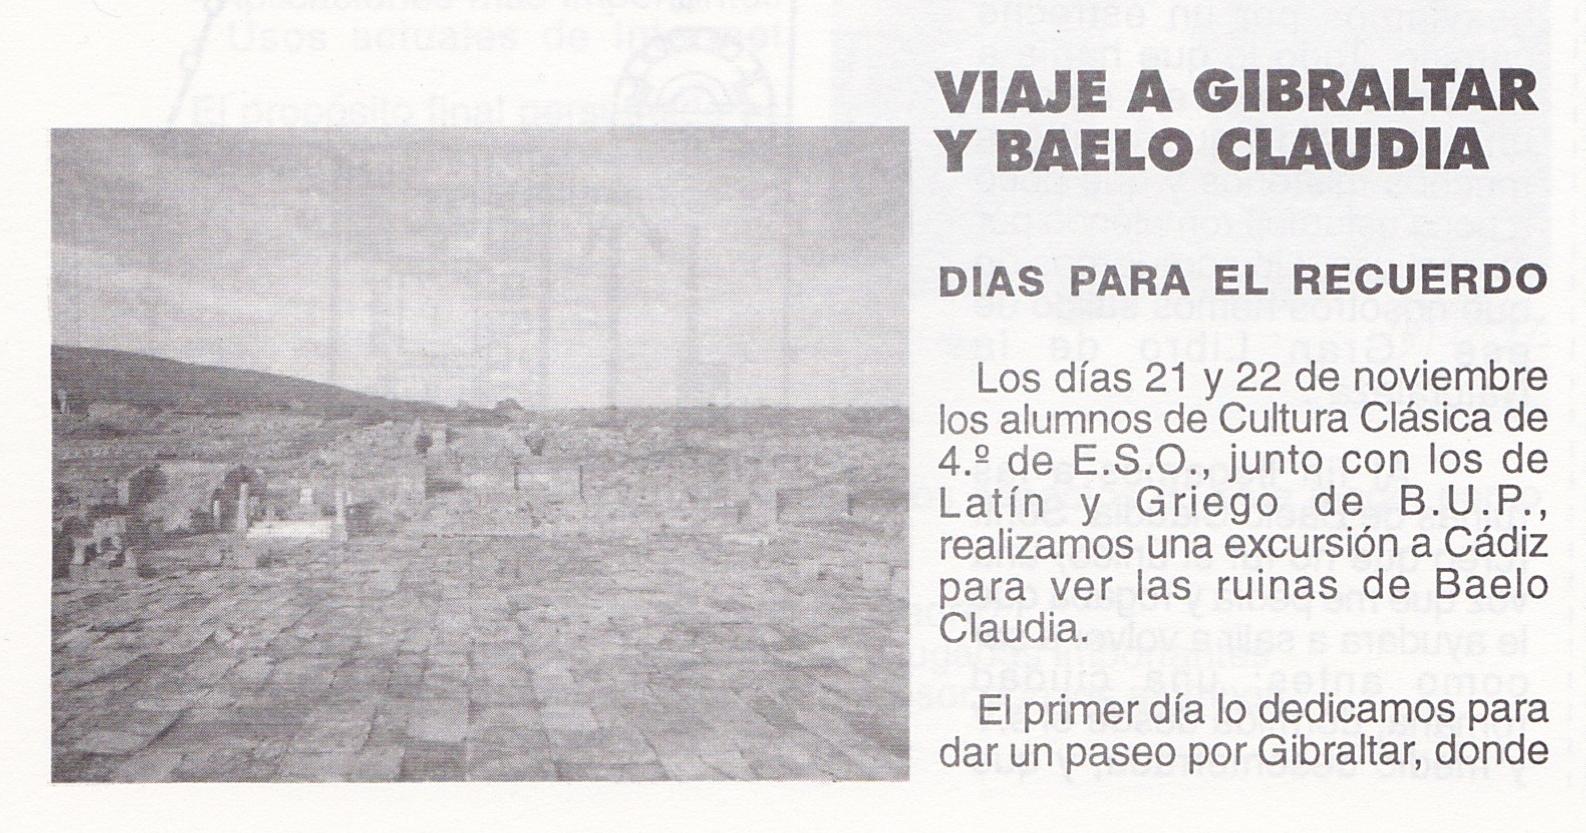 Visita Baelo Claudia1